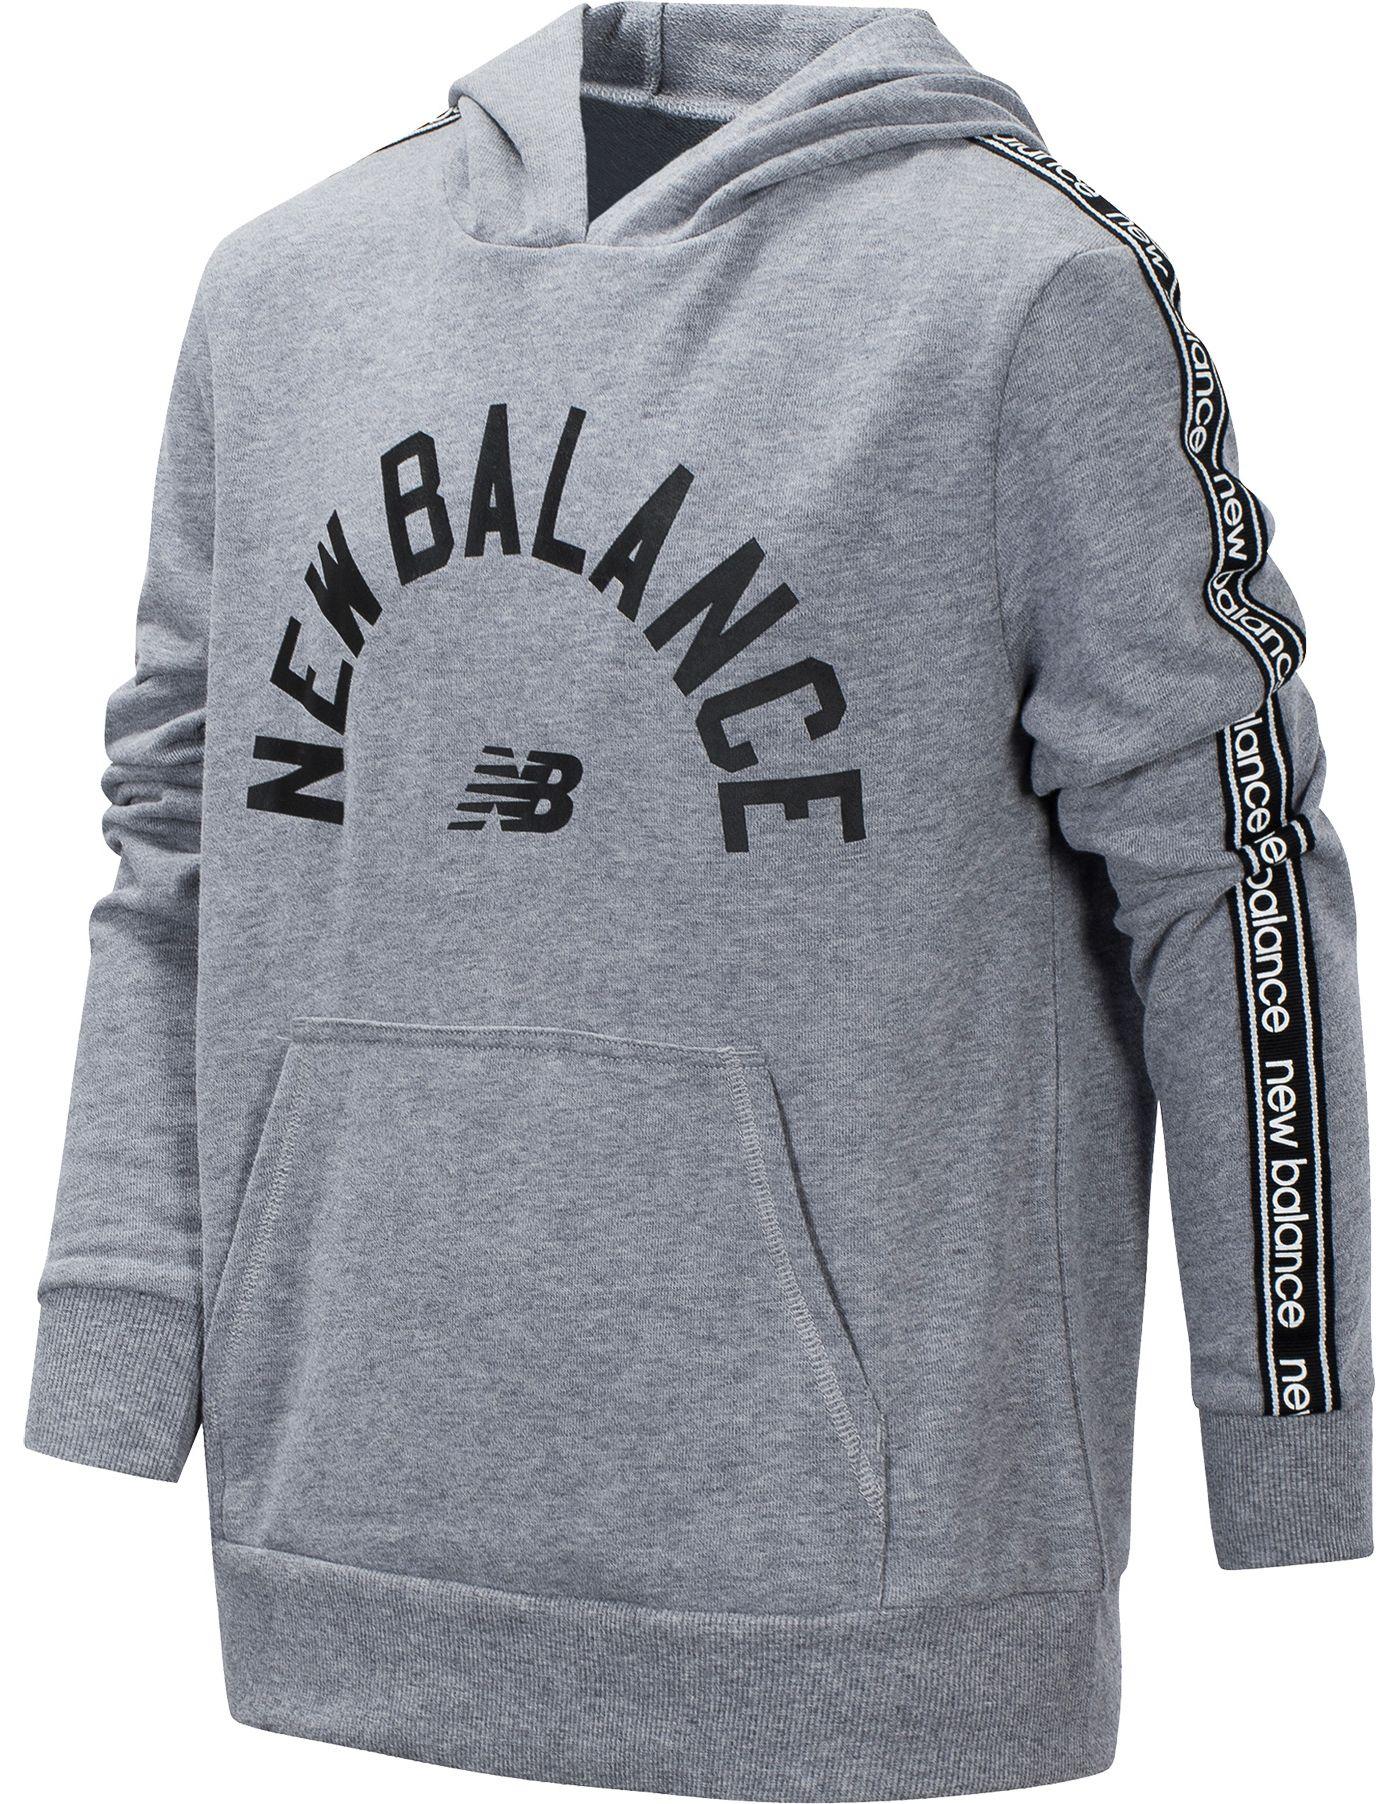 New Balance Little Boys' Wordmark Hoodie